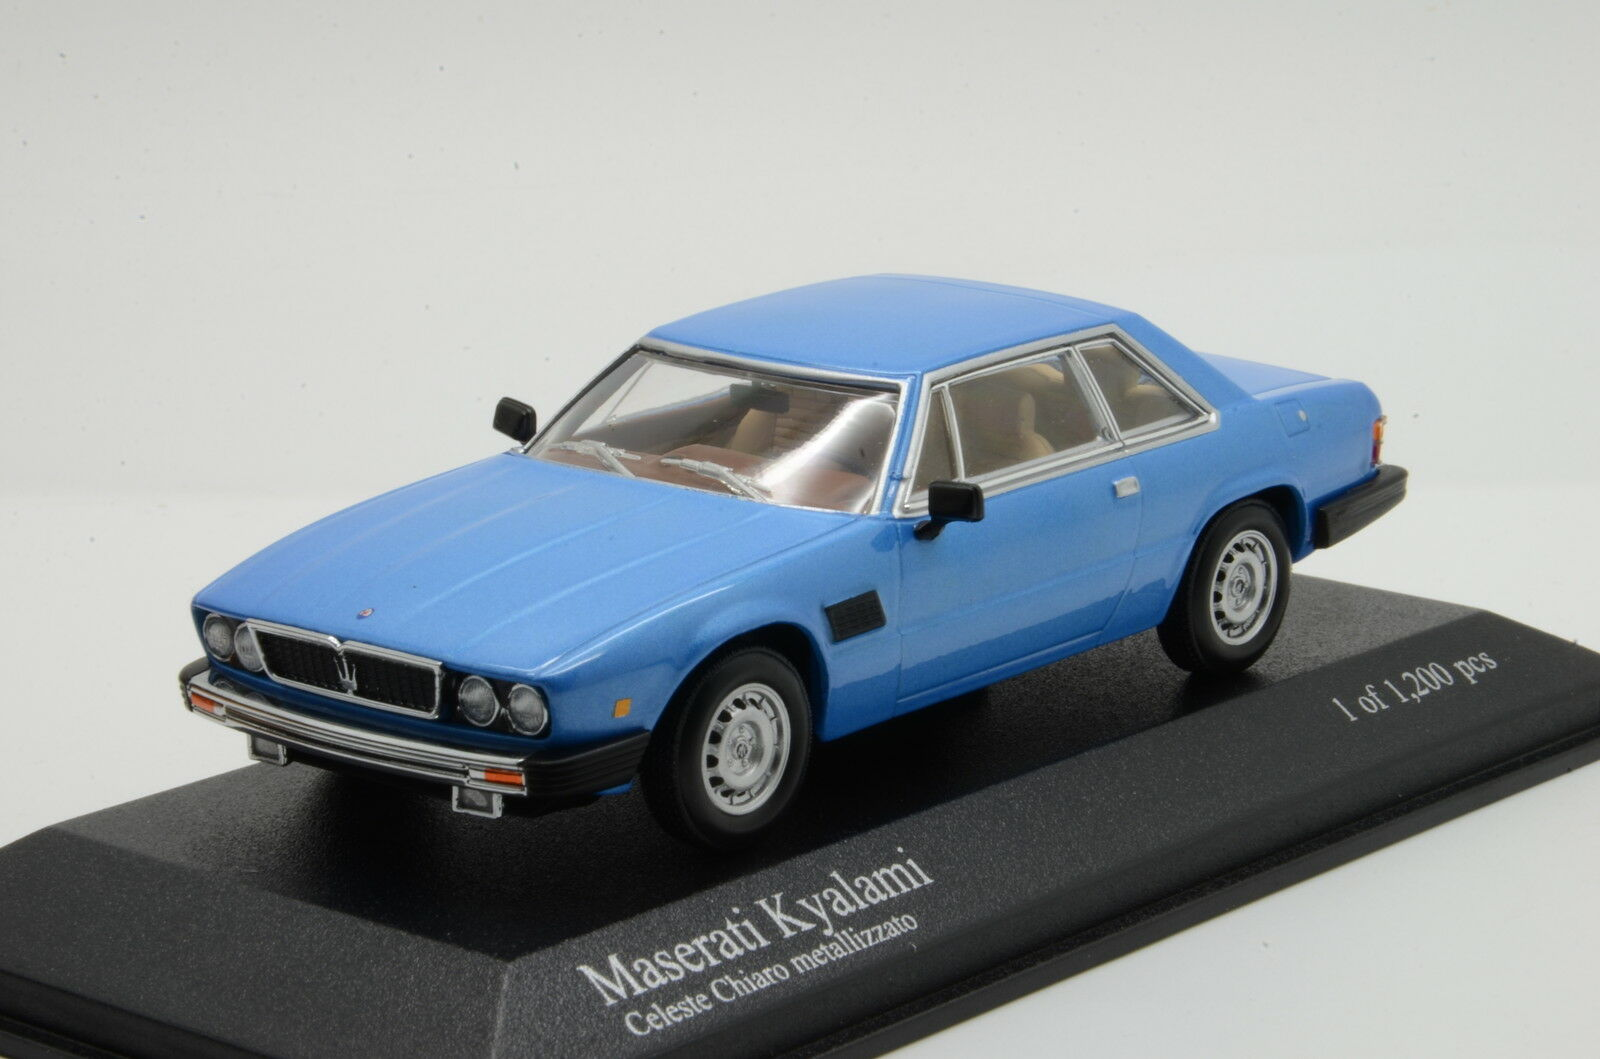 Maserati Kyalami Light Blau Minichamps 1 43